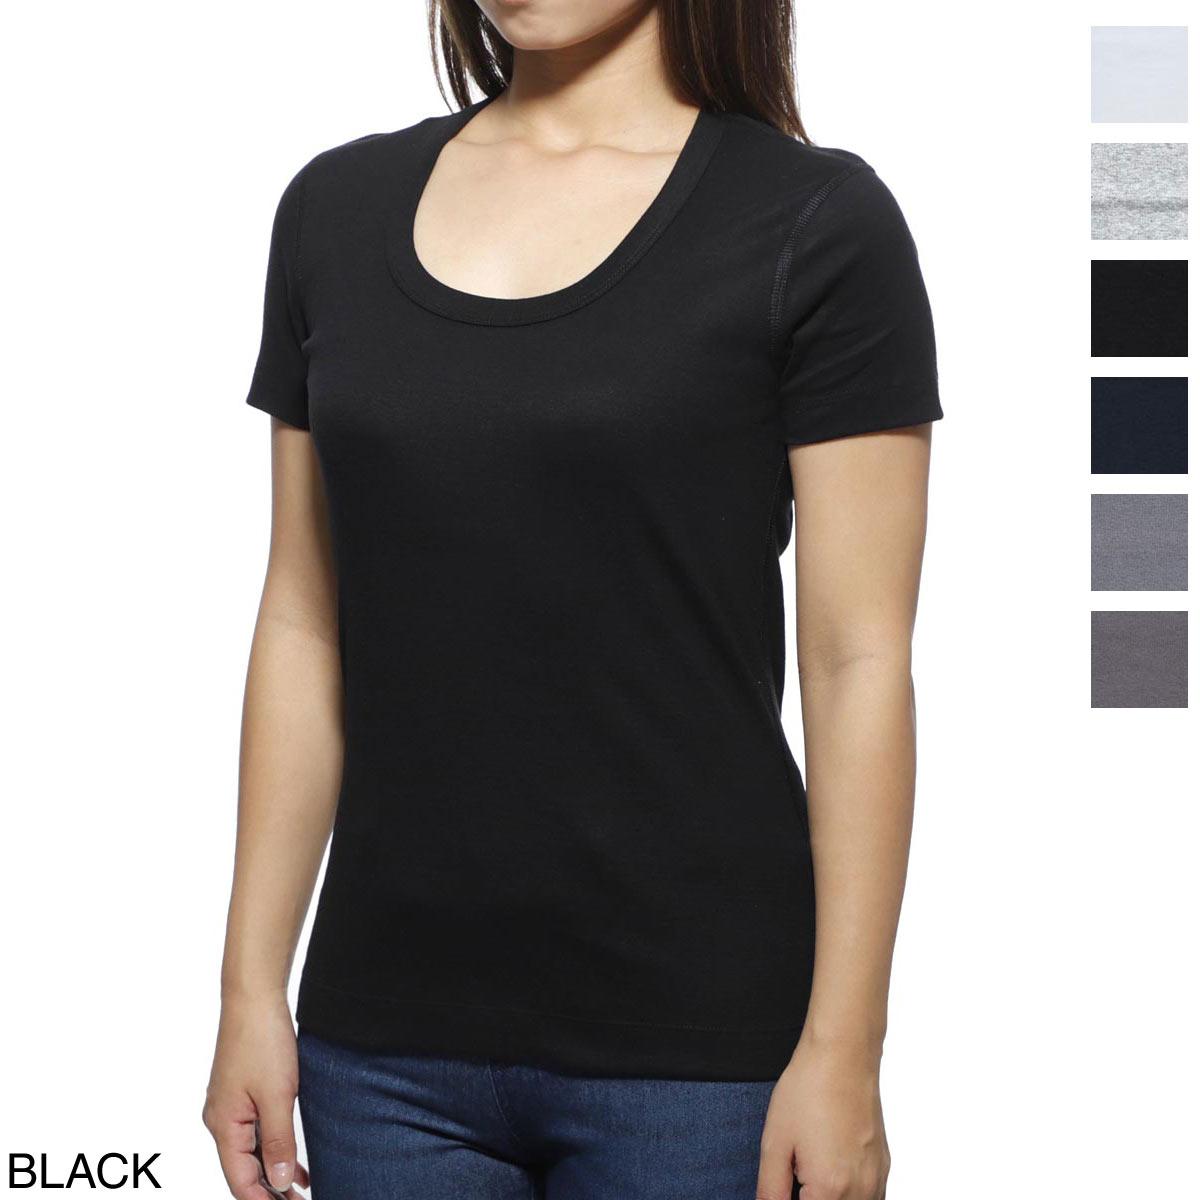 スリードッツ three dots UネックTシャツ レディース コットン aa1s 004 wht Jessica ジェシカ【ラッピング無料】【返品送料無料】【あす楽対応_関東】